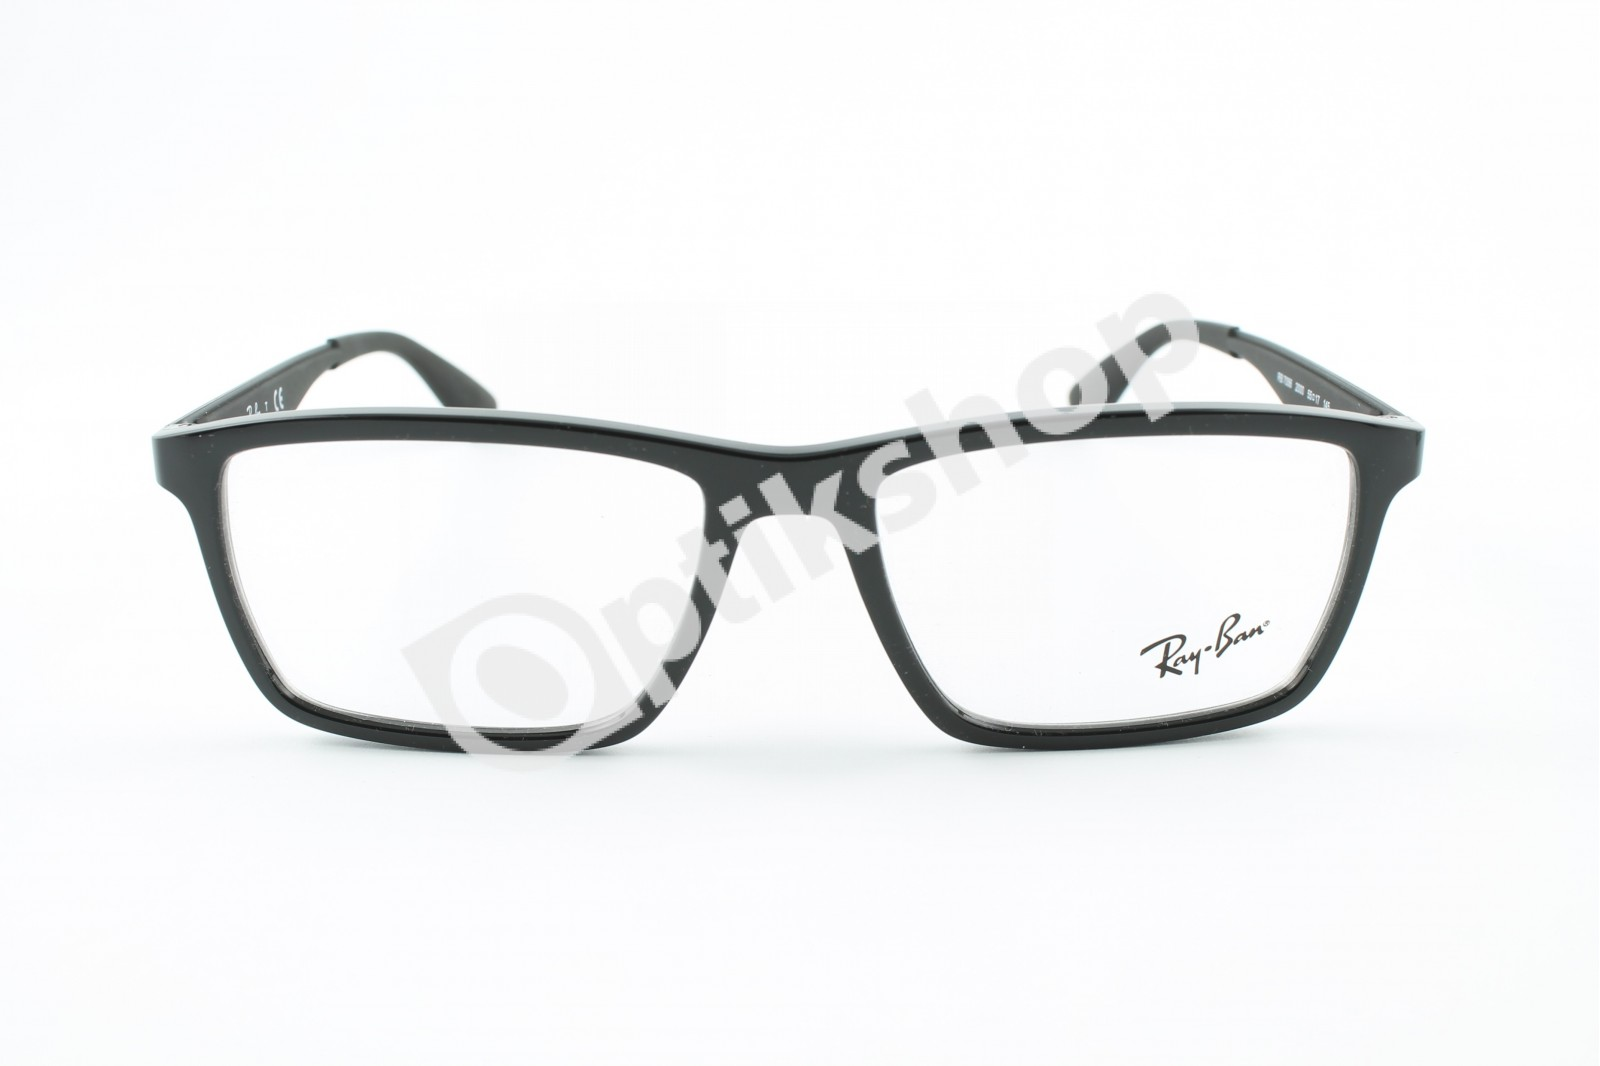 Ray-Ban - RB 7056 2000 szemüvegkeretek 8372d7f69e